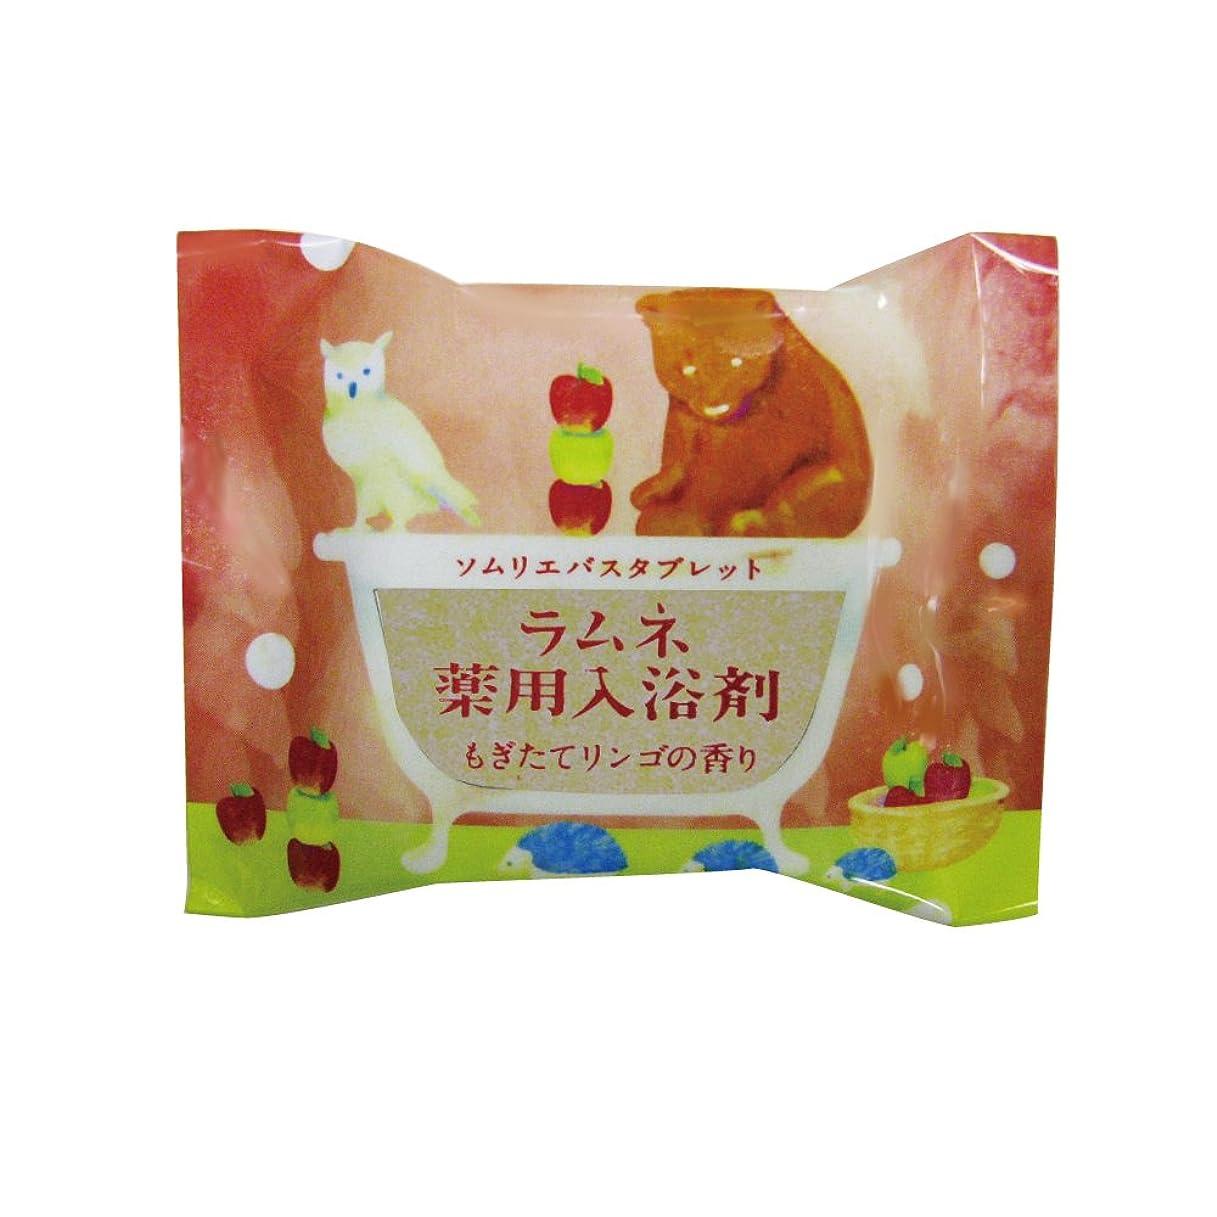 ペースト閉塞人口ソムリエバスタブレット ラムネ薬用入浴剤 もぎたてリンゴの香り 12個セット